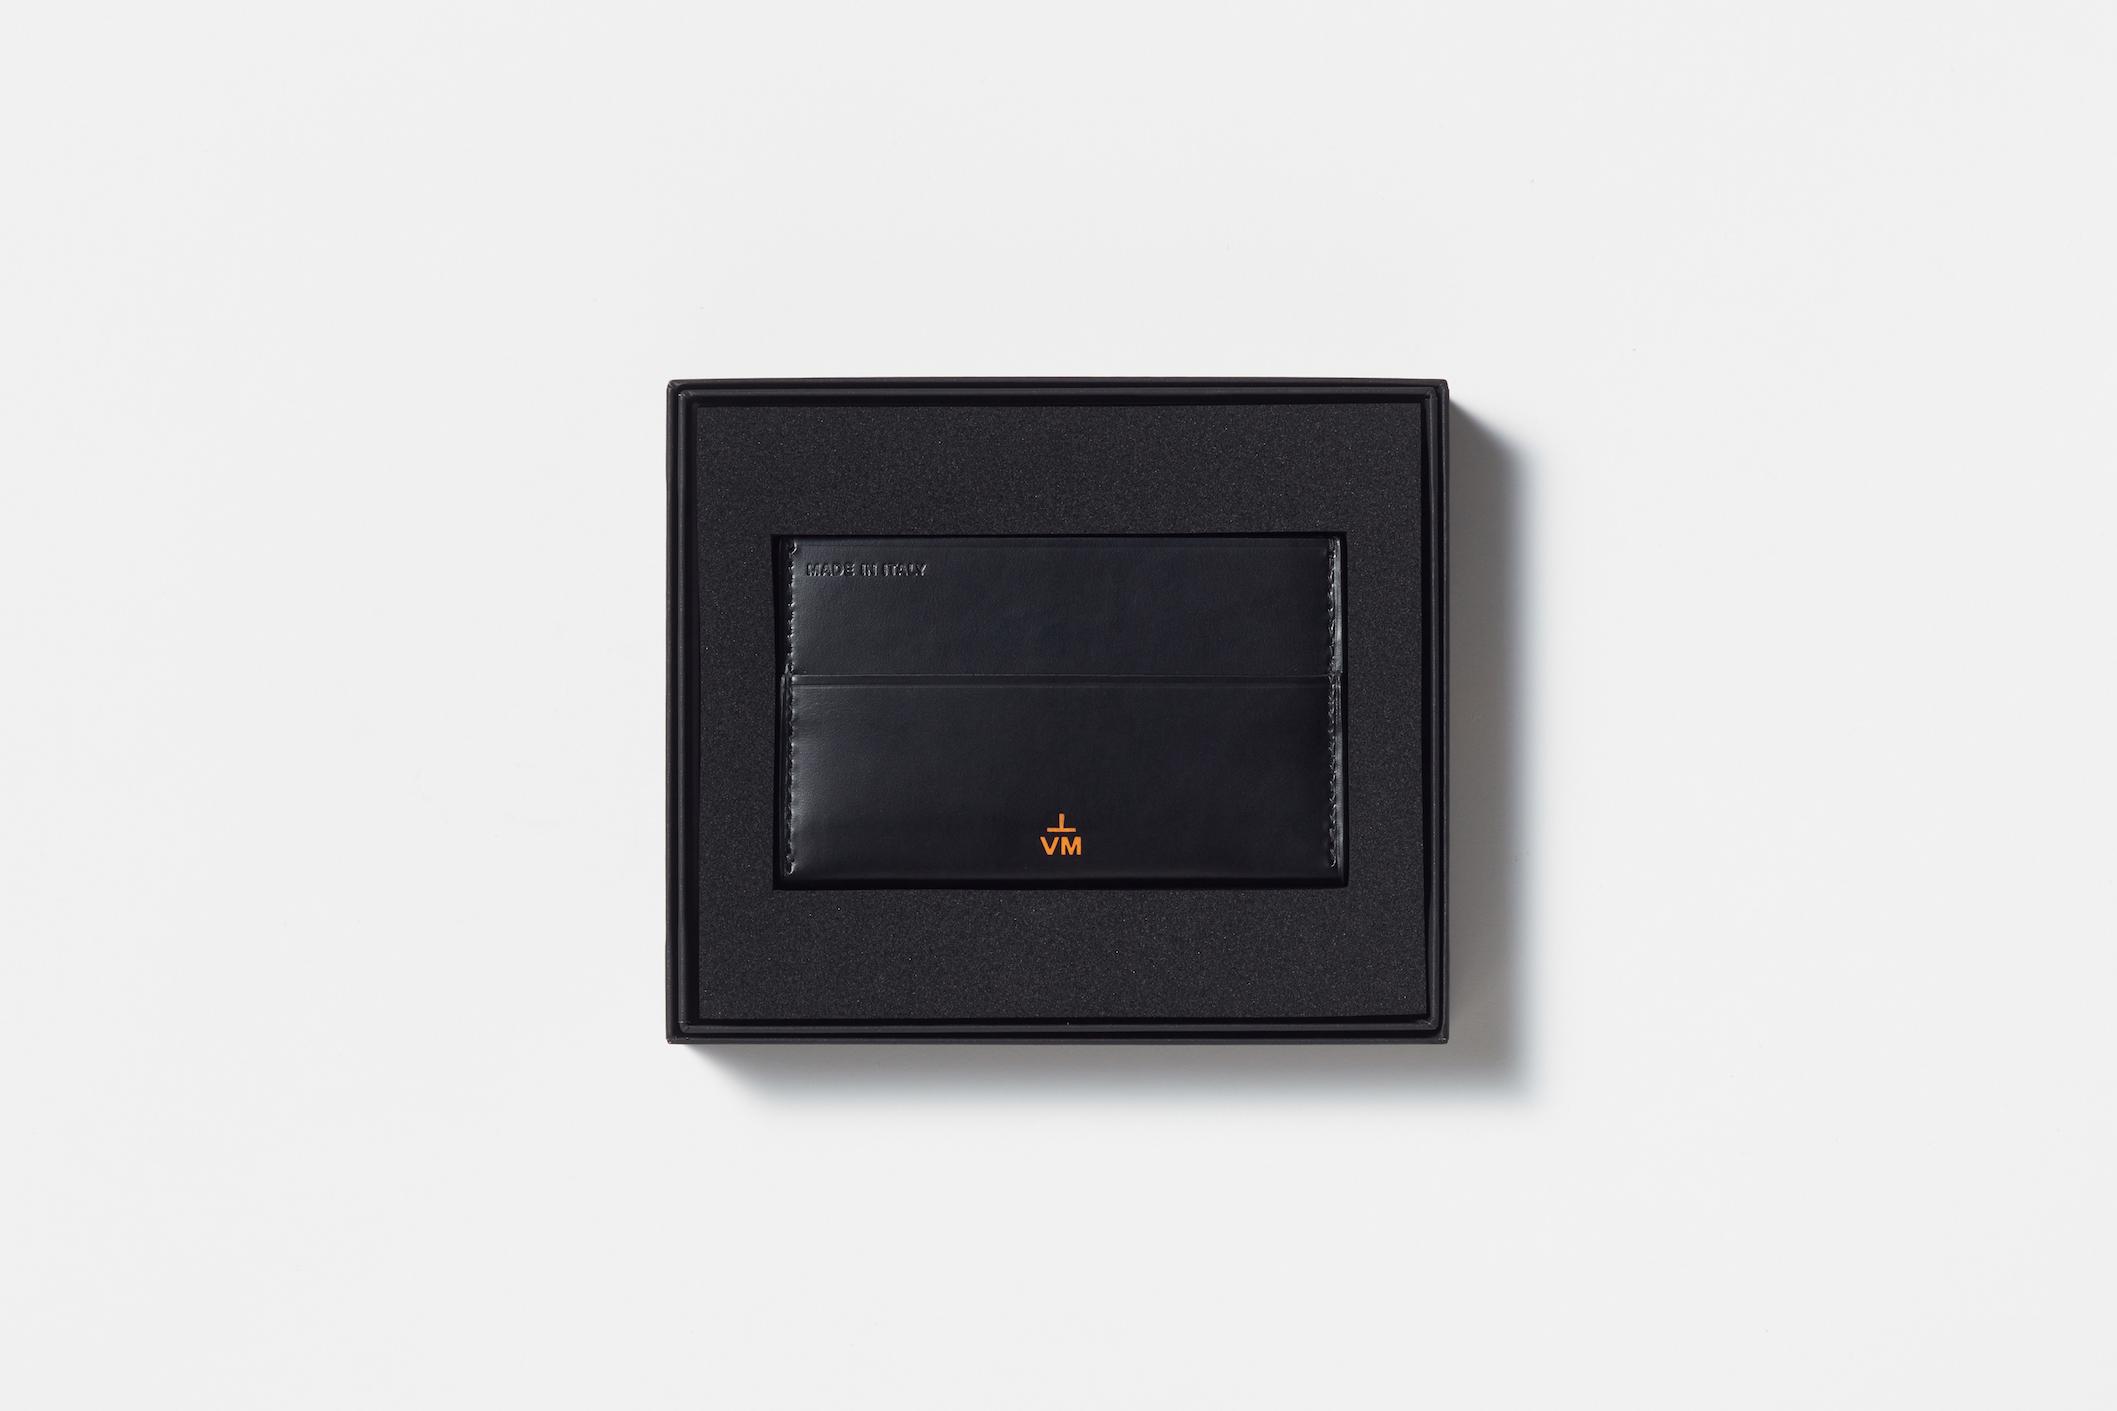 UNITED ARROWSから新ブランド「VM」1stコレクションローンチ